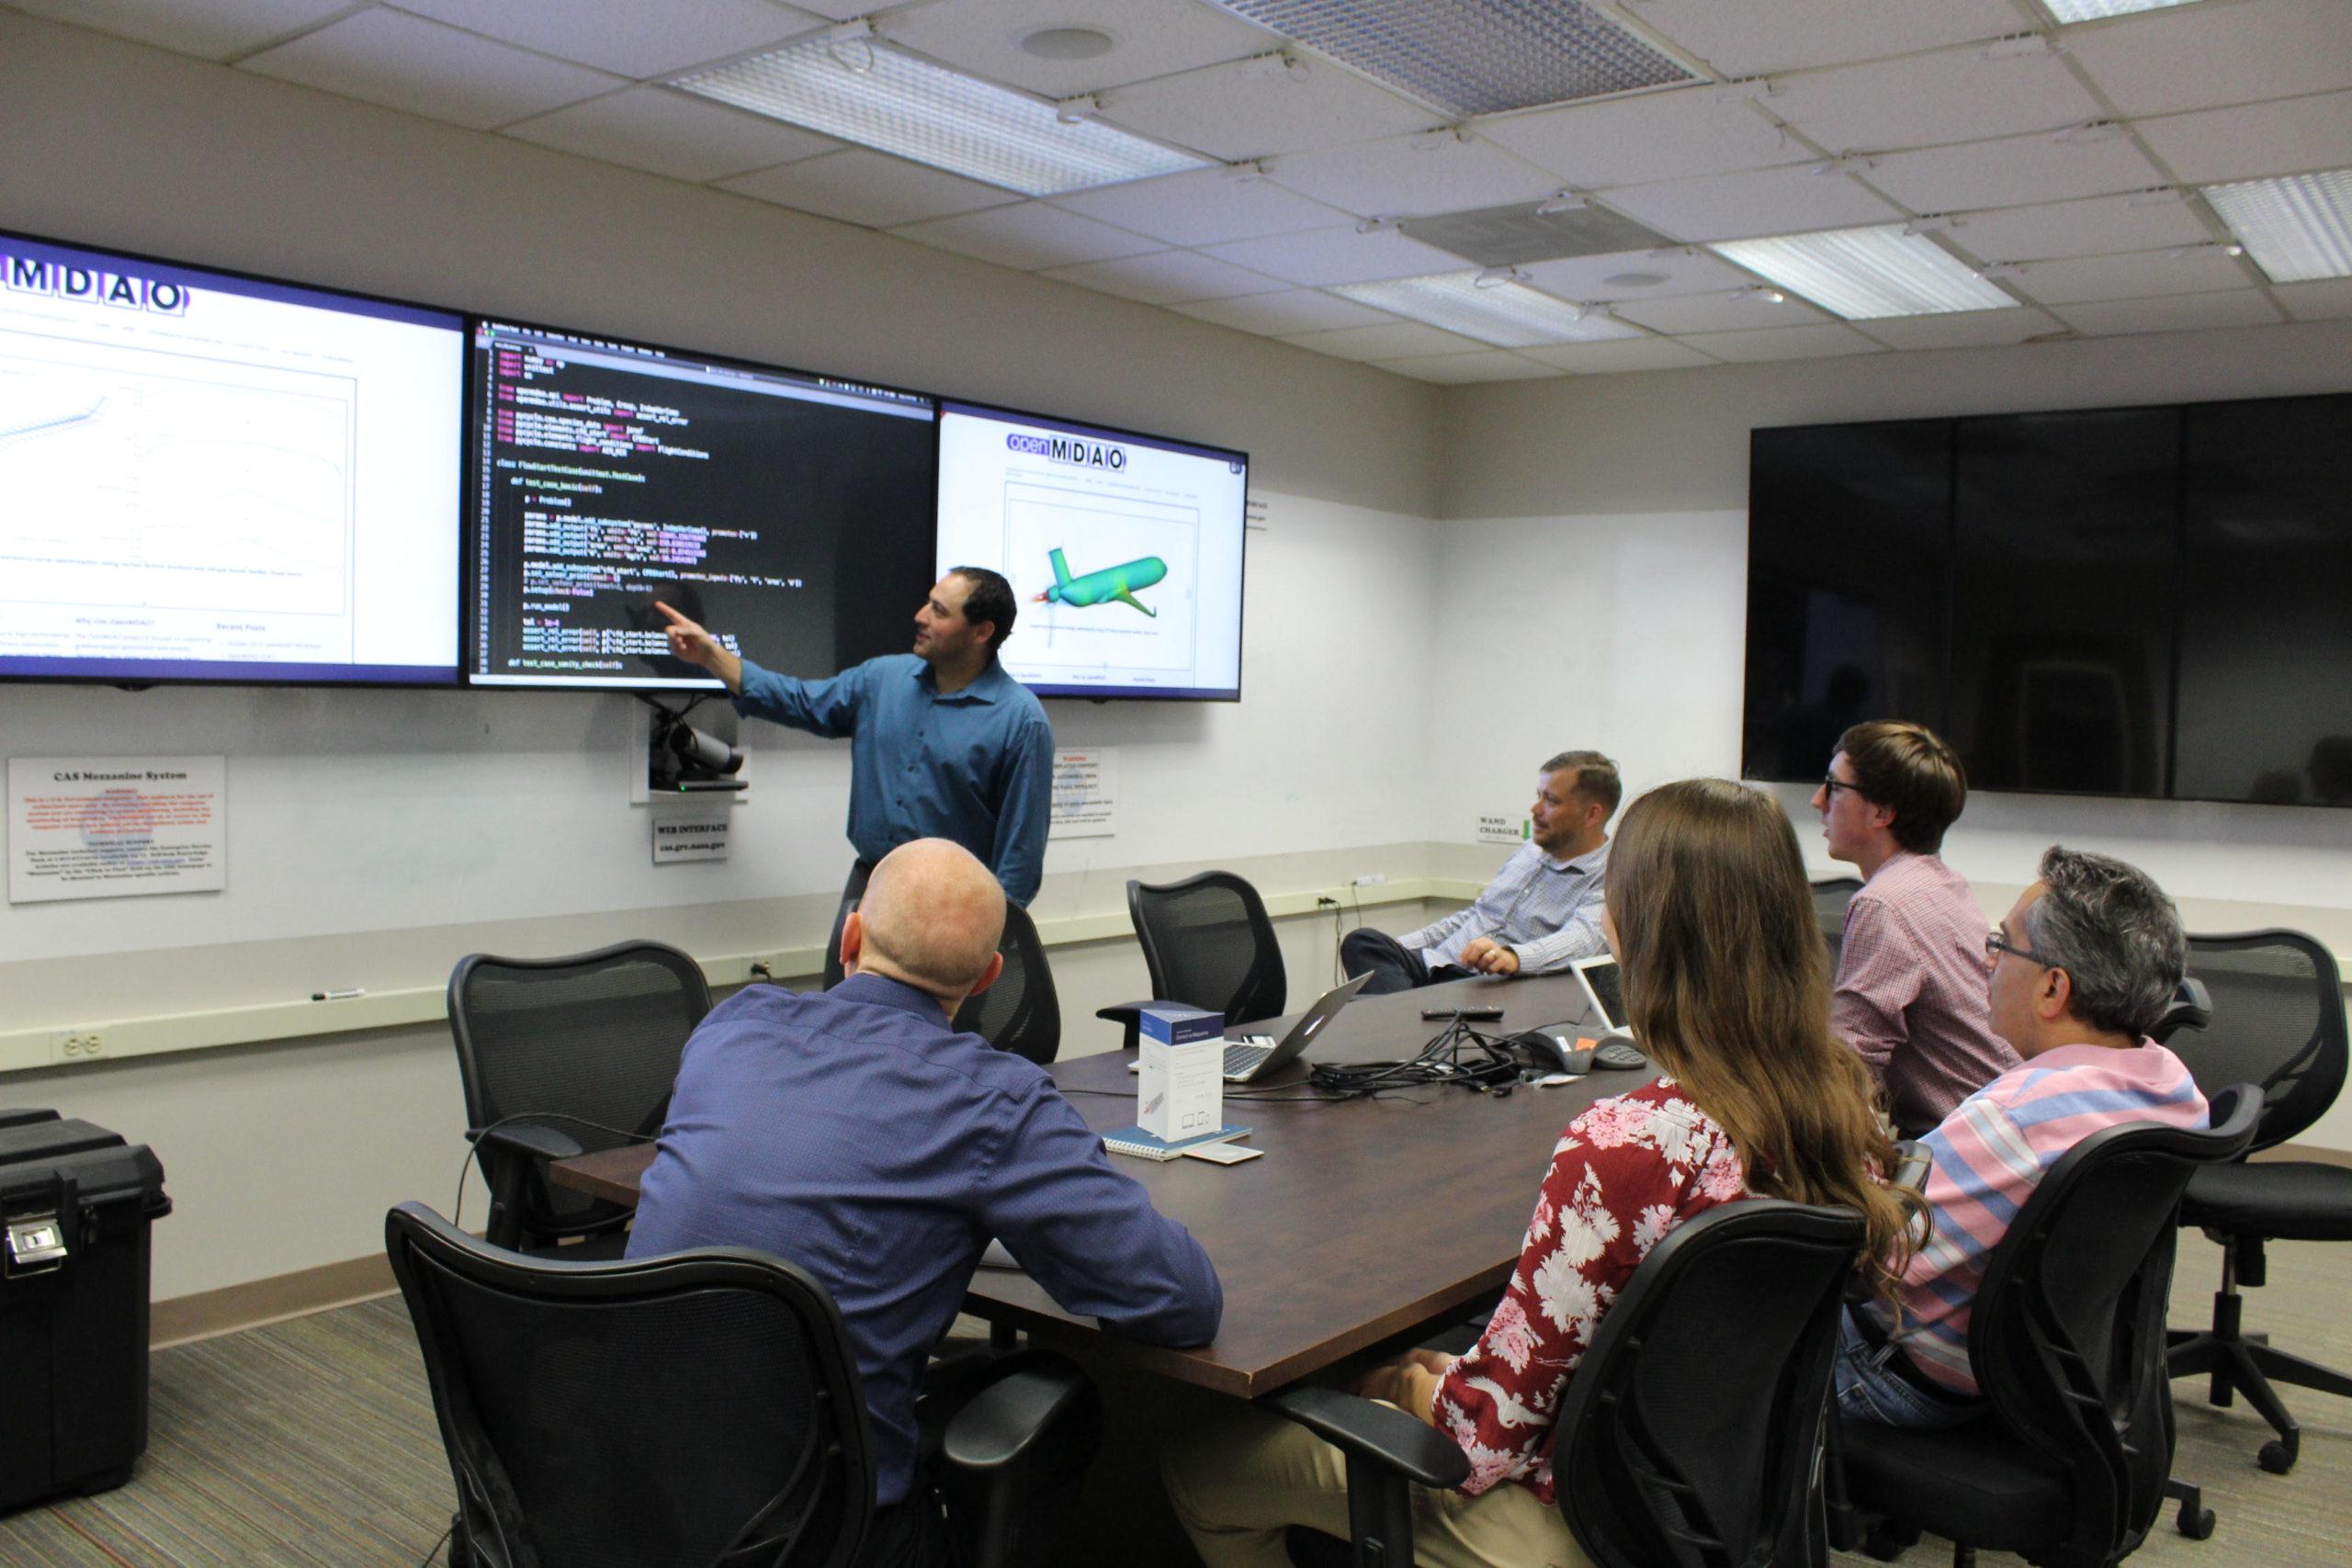 The OpenMDAO team at work at NASA Glenn.